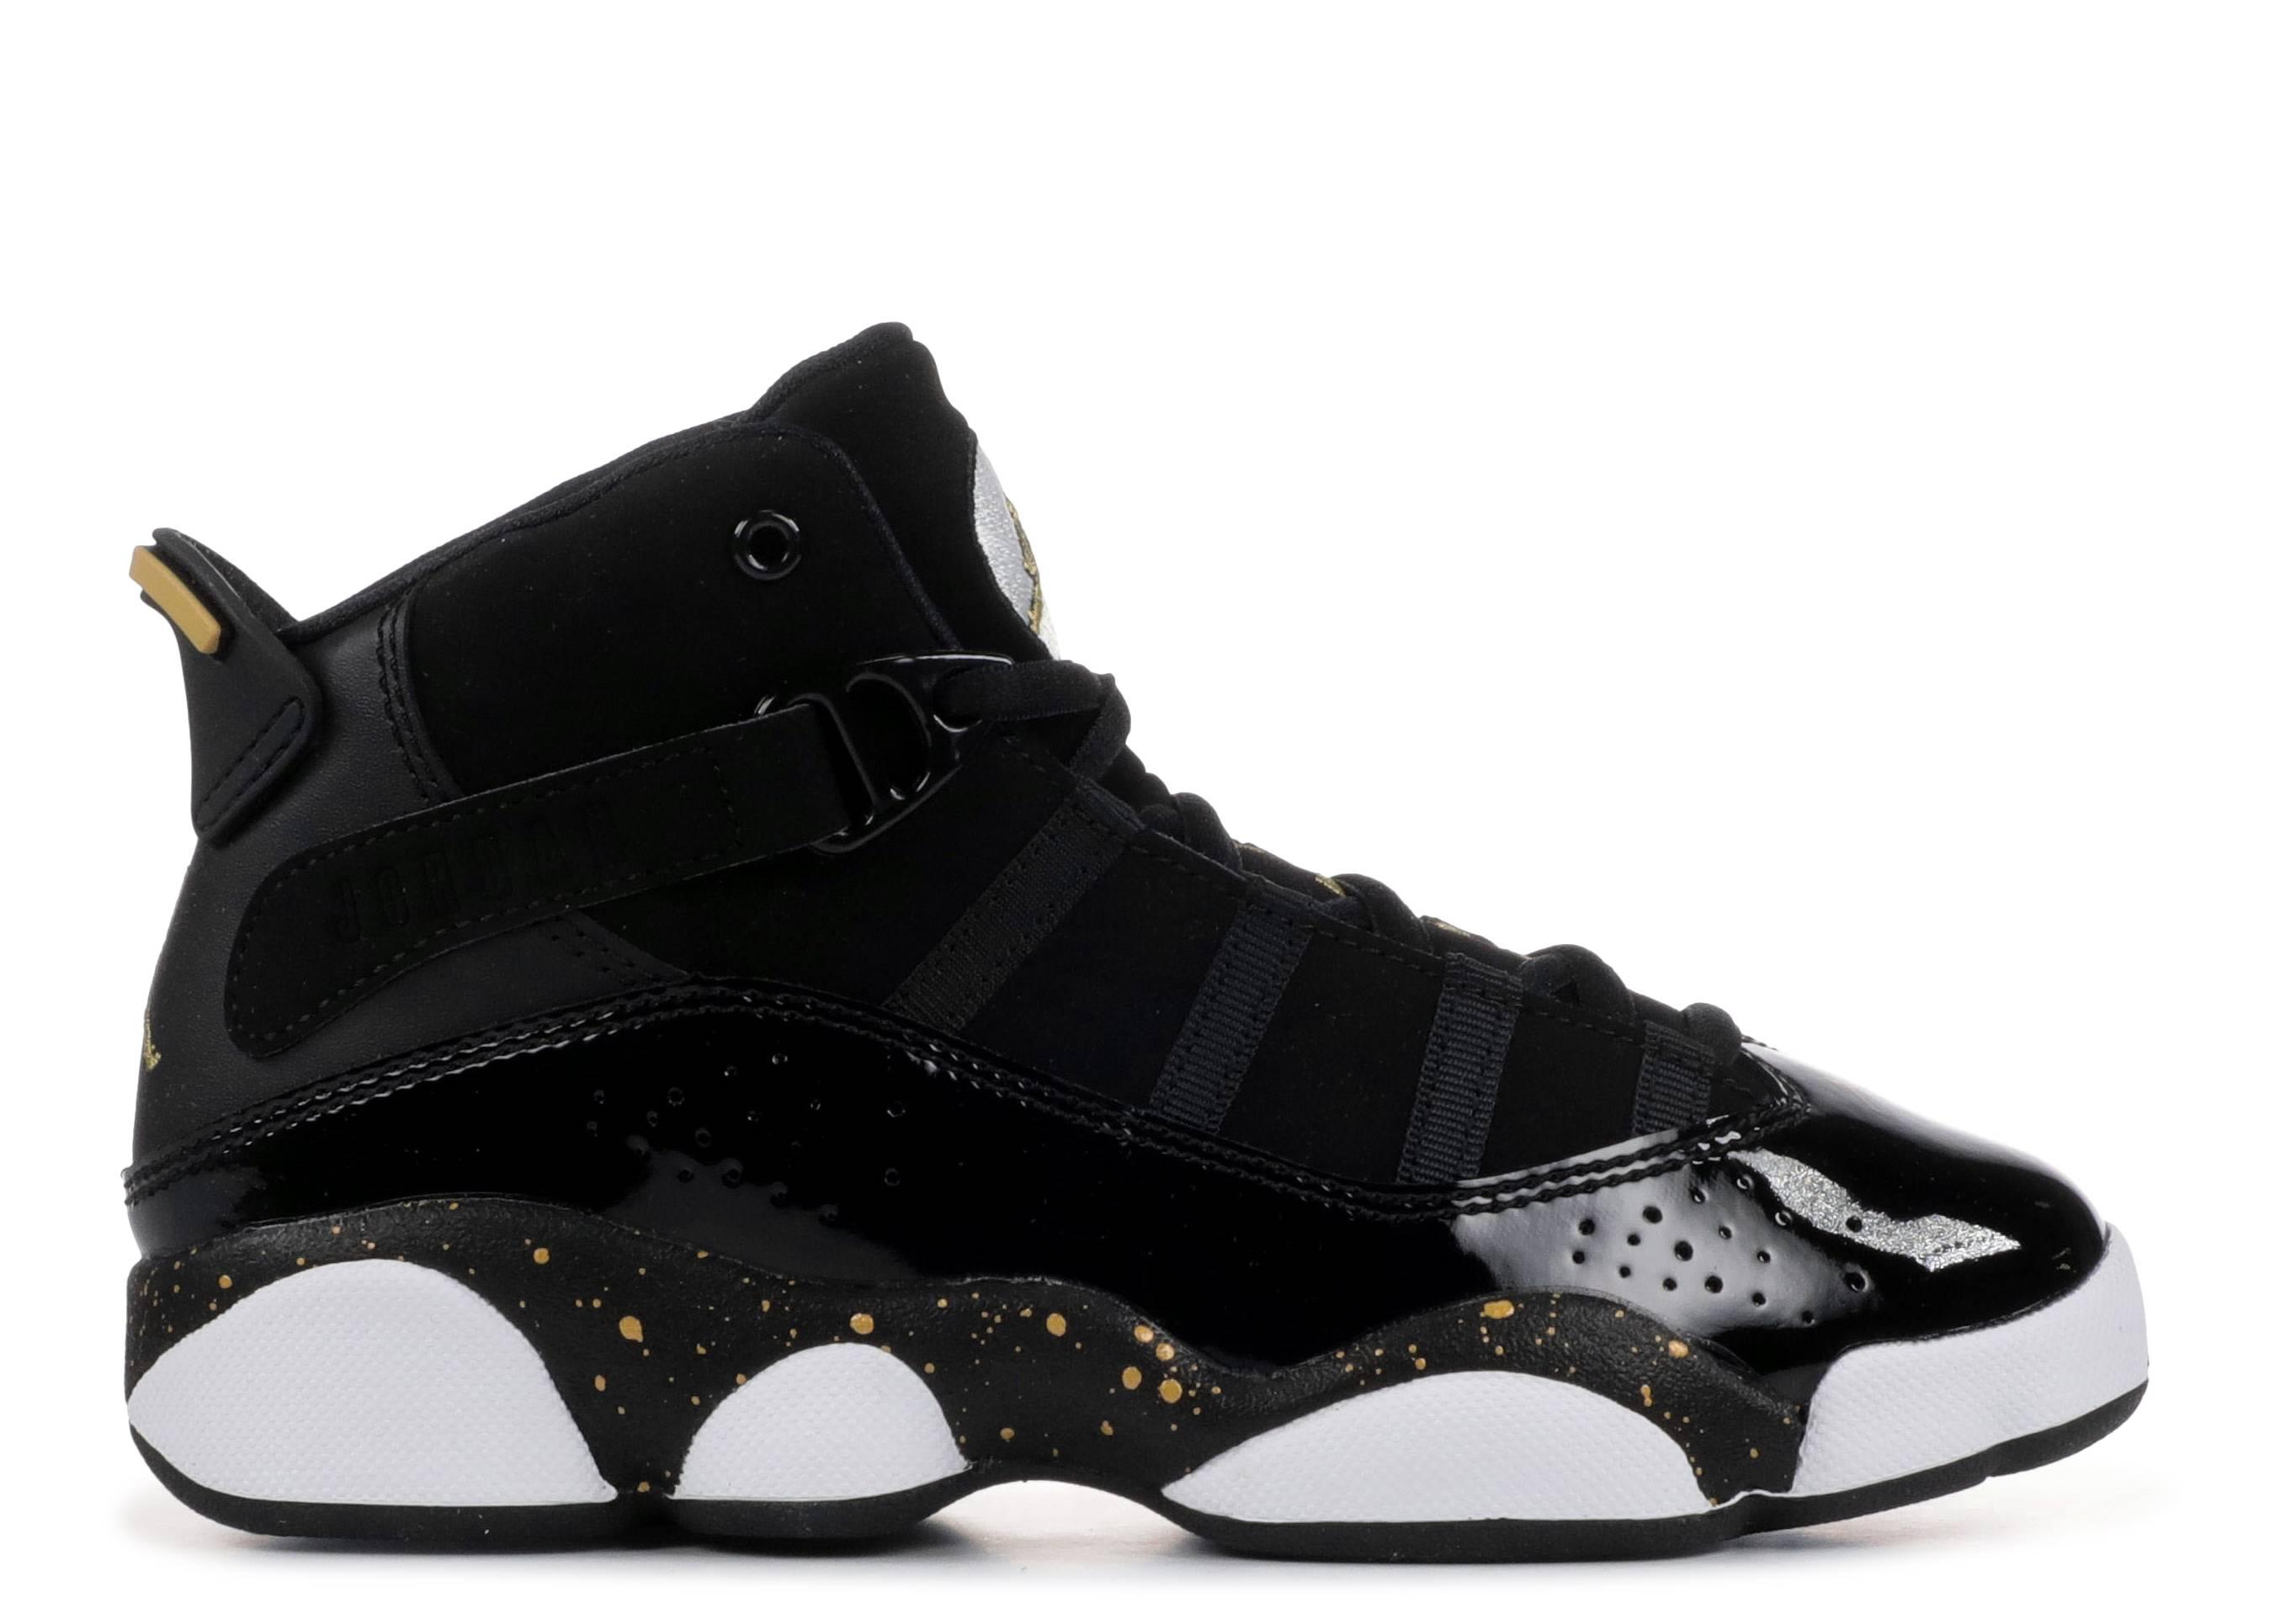 9e39c51c1493 6 Rings - Air Jordans